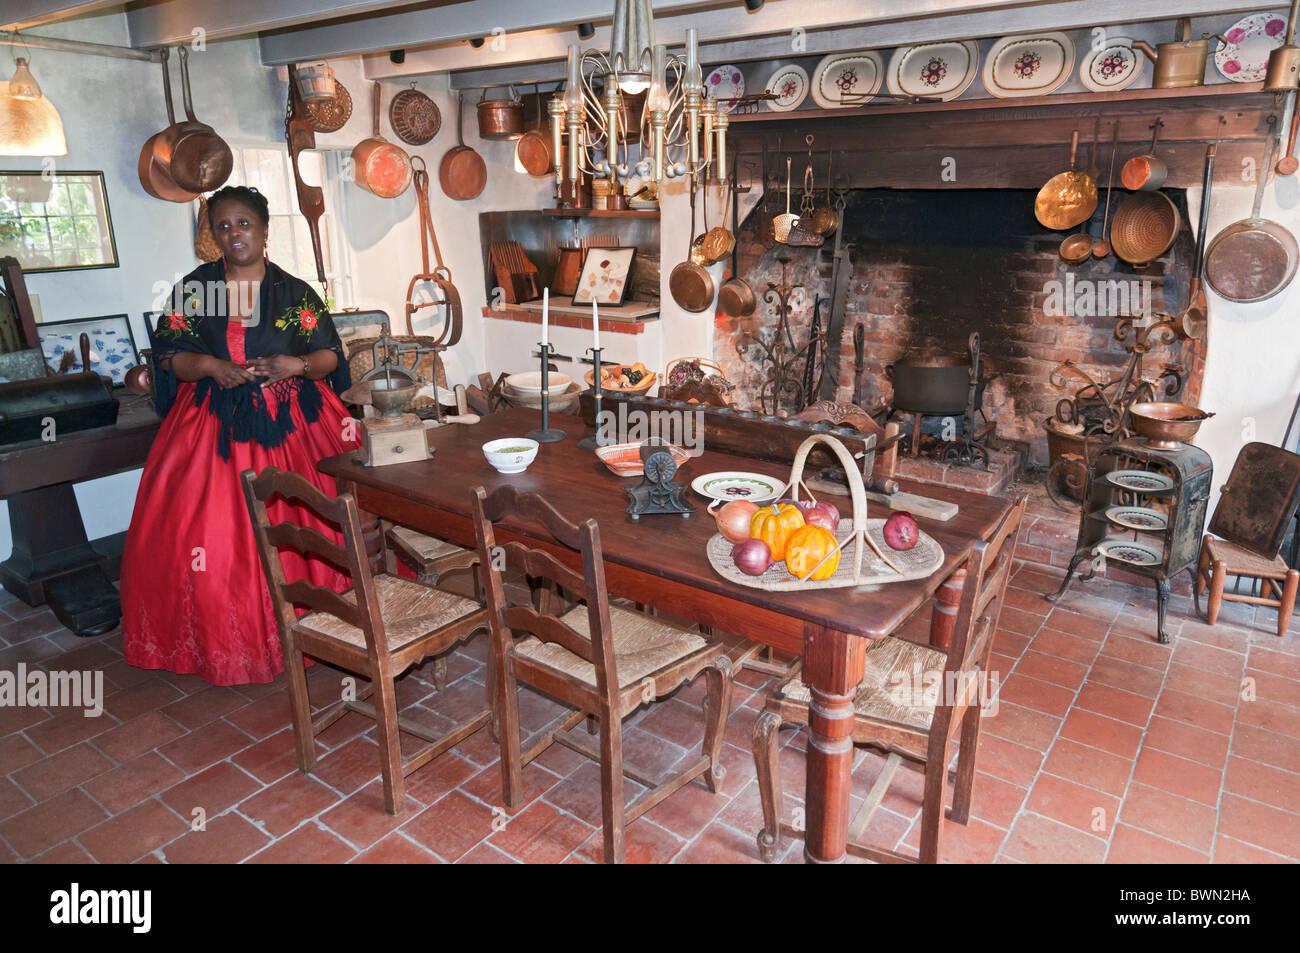 Plantation Kitchen House louisiana, darrow, houmas house plantation and gardens, 1700's